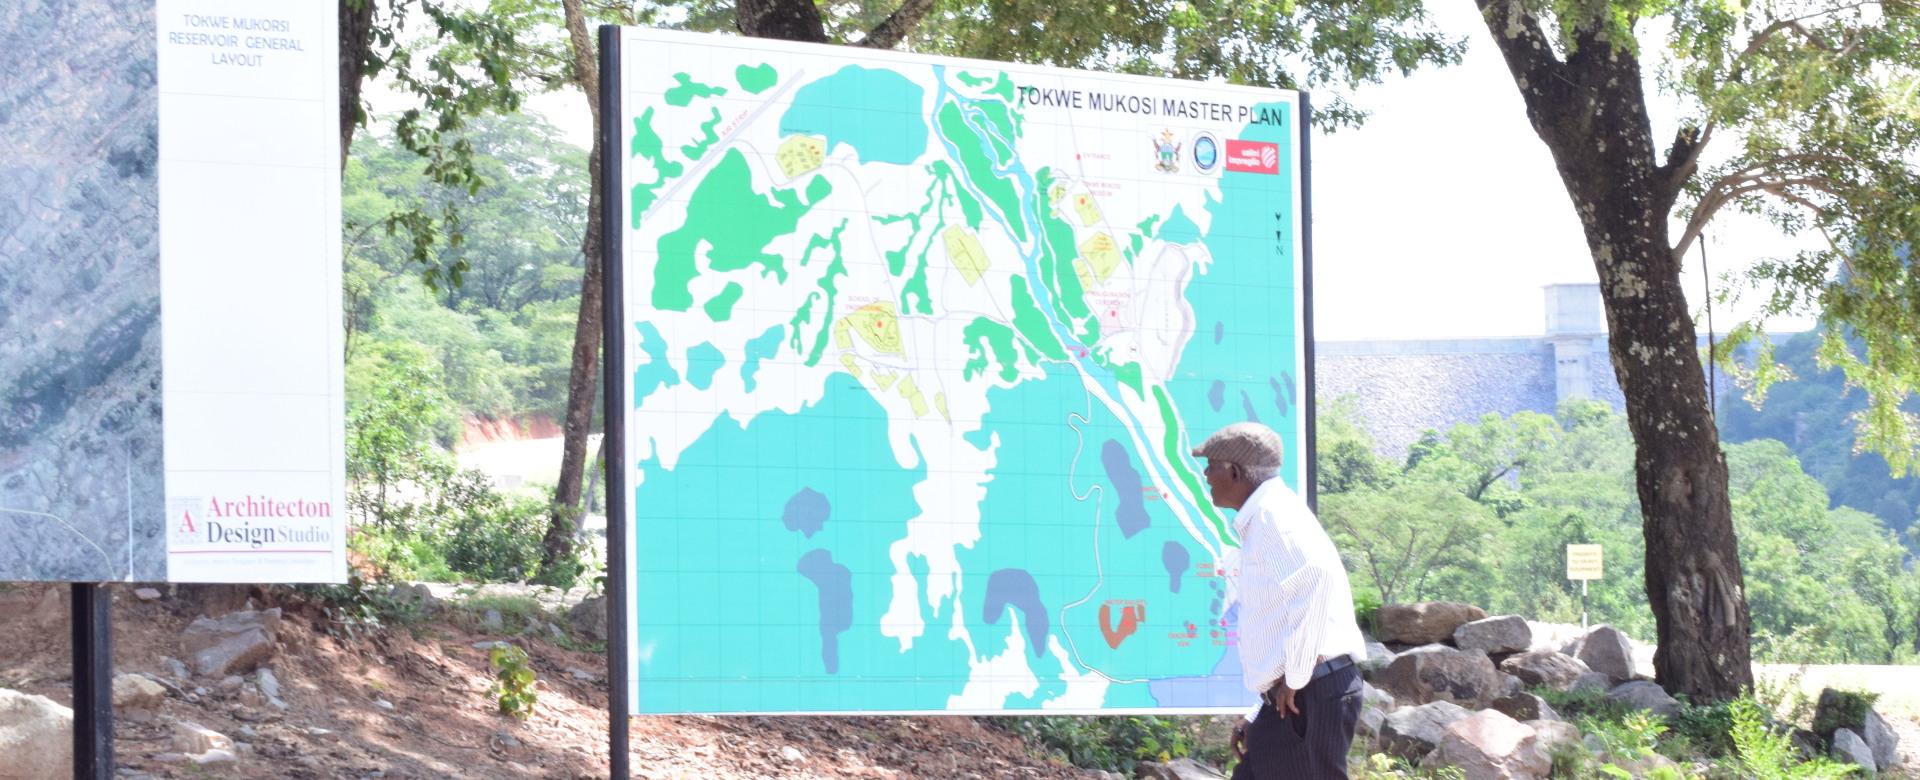 Tokwe Mukosi Lake Master Plan